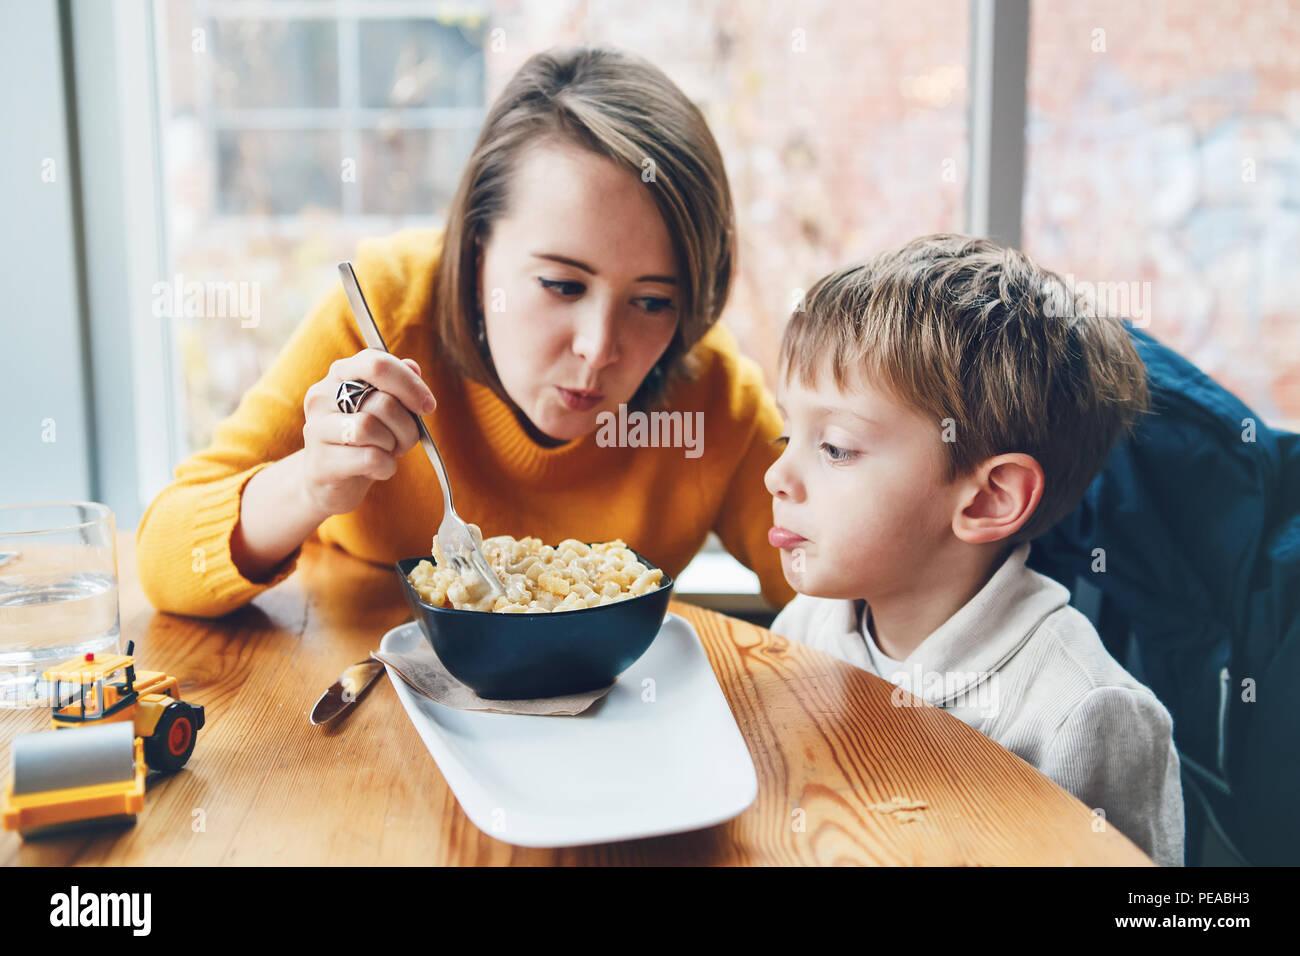 Retrato de familia feliz caucásicos blancos, la madre y el hijo, sentado en el restaurante café en la mesa de alimentación, comer pasta spaghetti, auténtico estilo de vida Imagen De Stock